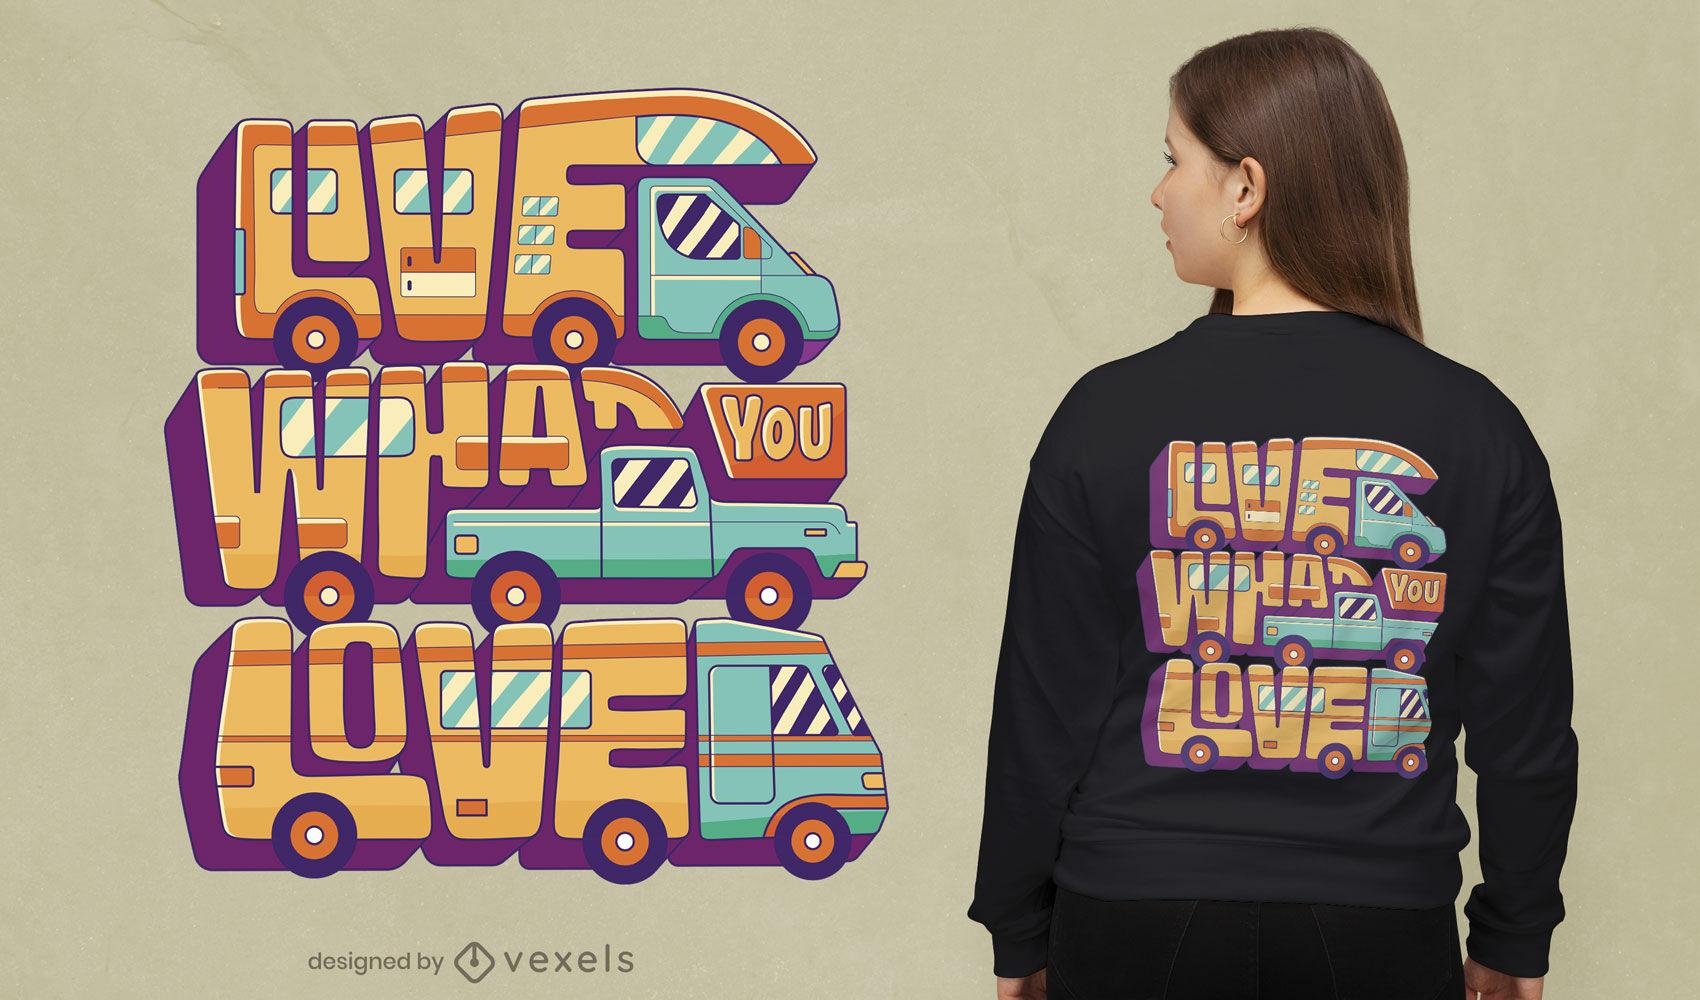 Camping Truck Liebe Zitat T-Shirt Design